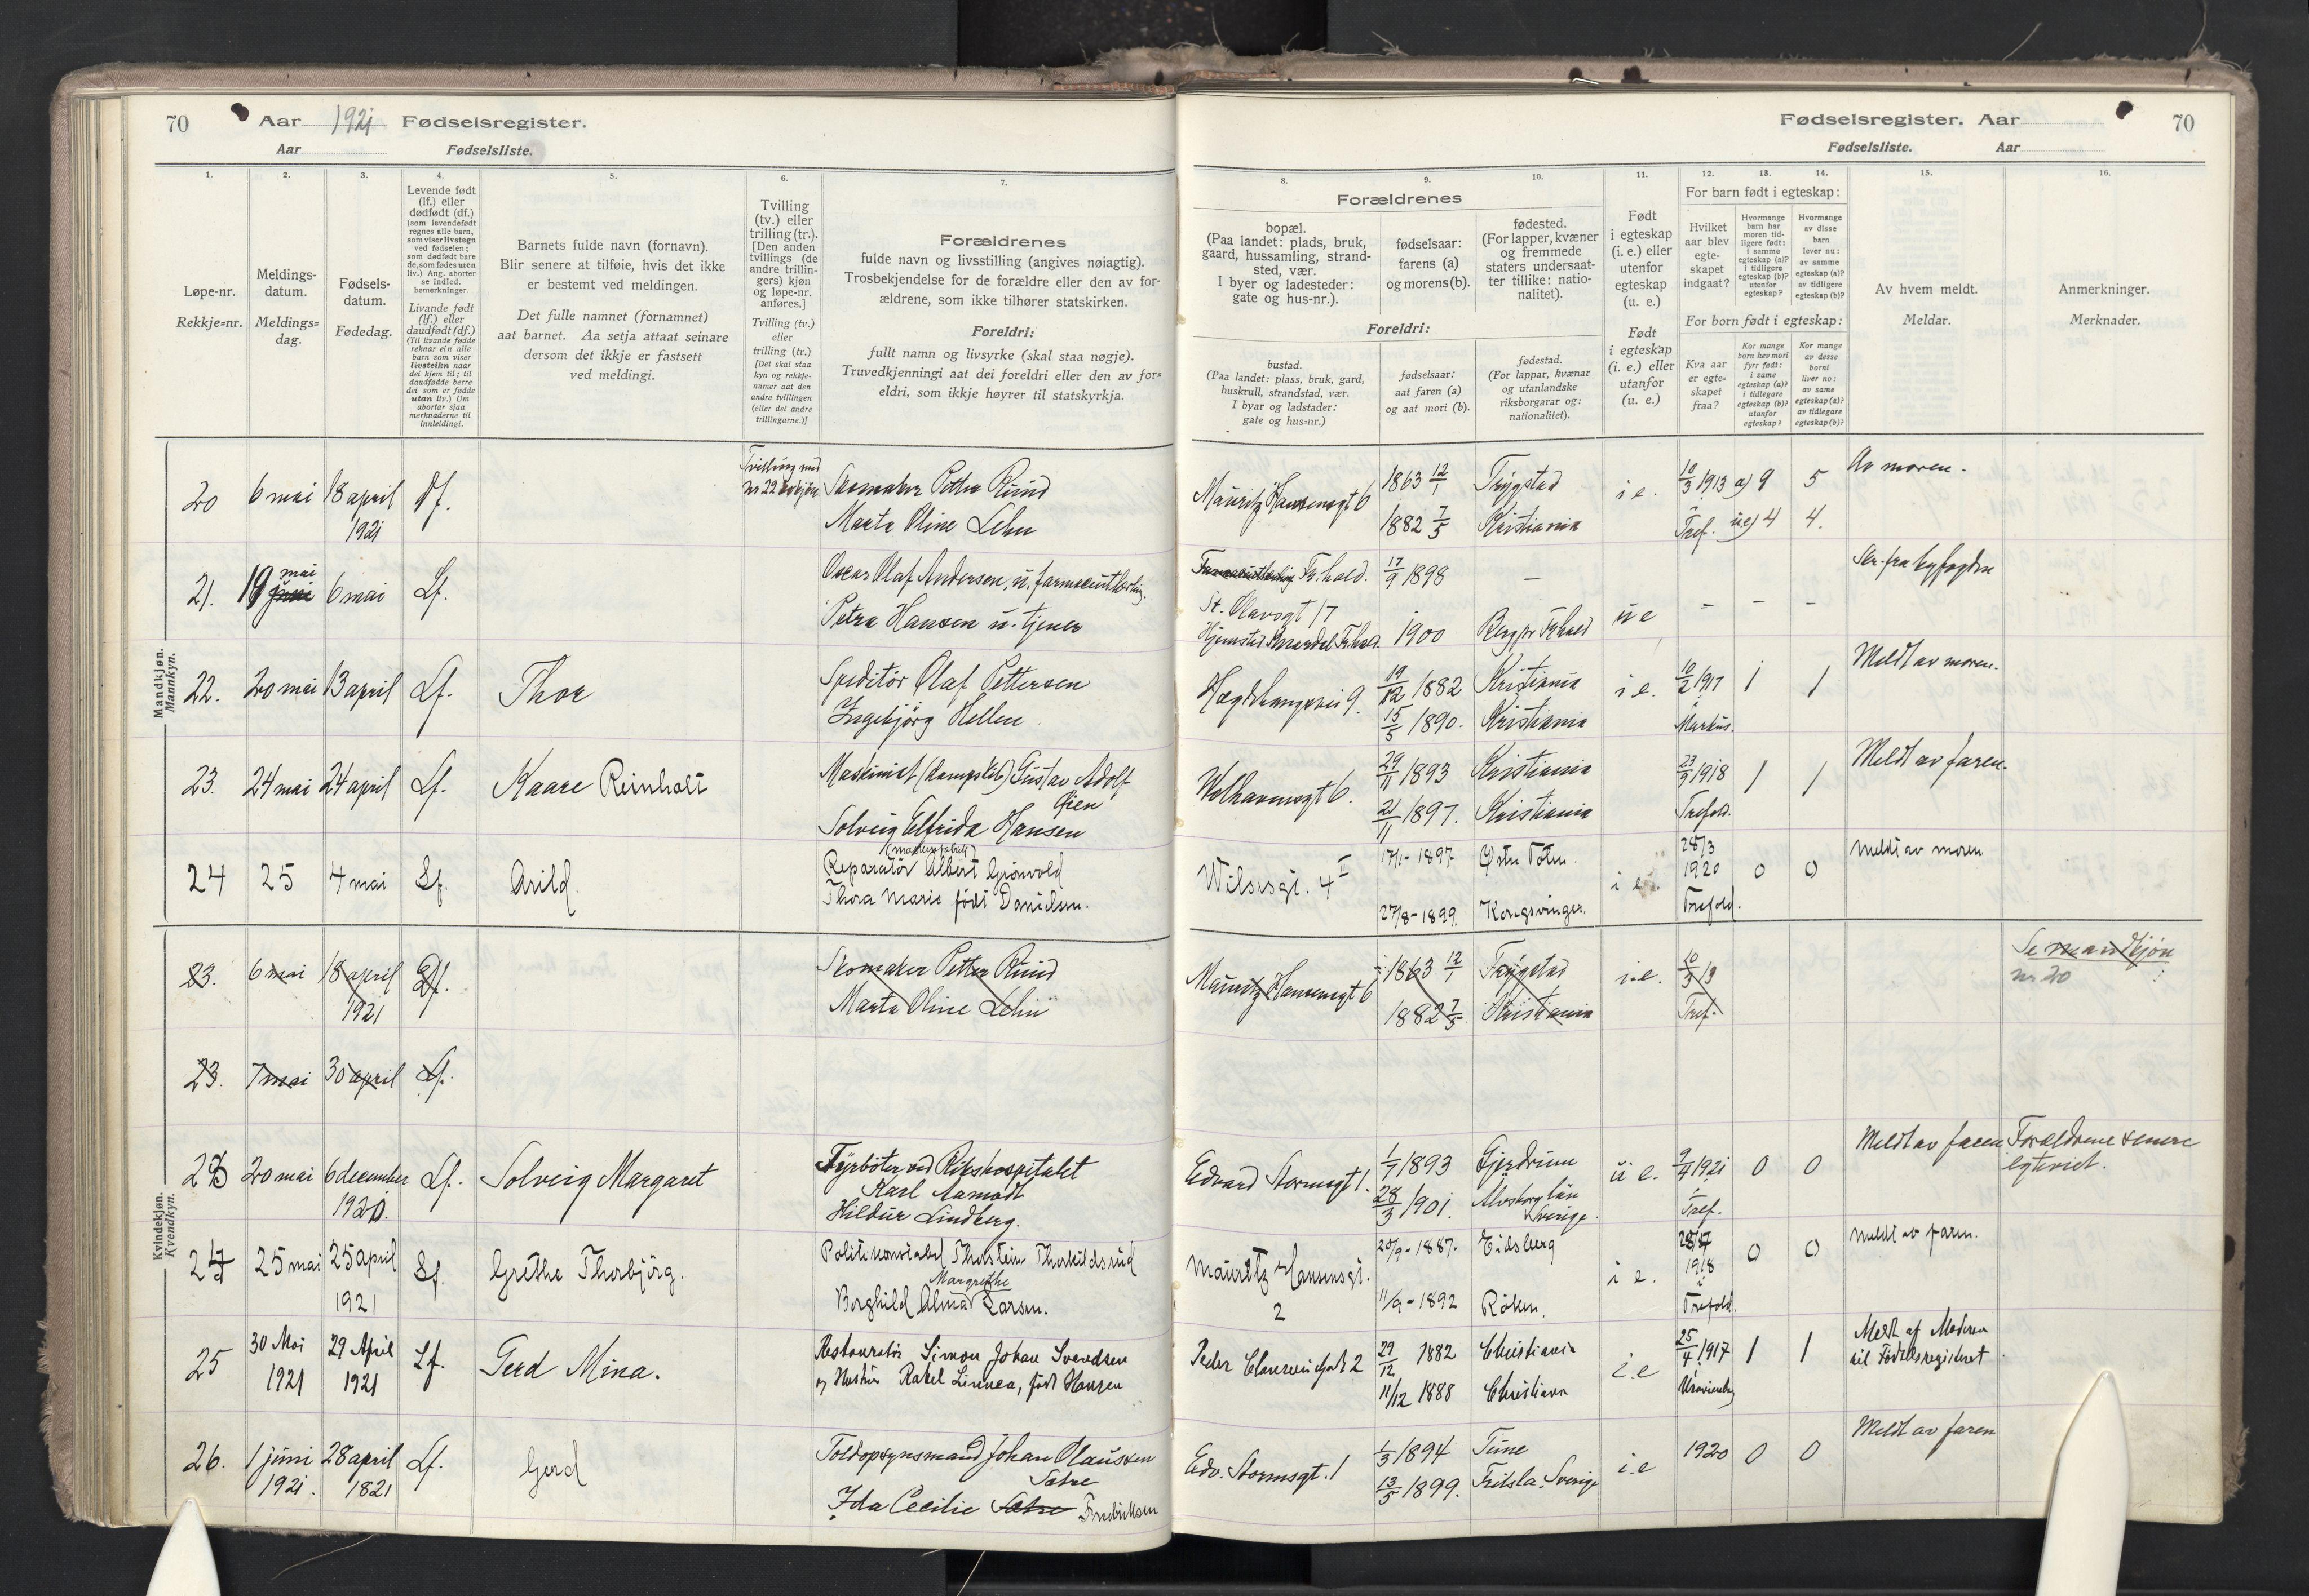 SAO, Trefoldighet prestekontor Kirkebøker, J/Ja/L0001: Fødselsregister nr. 1, 1916-1931, s. 70